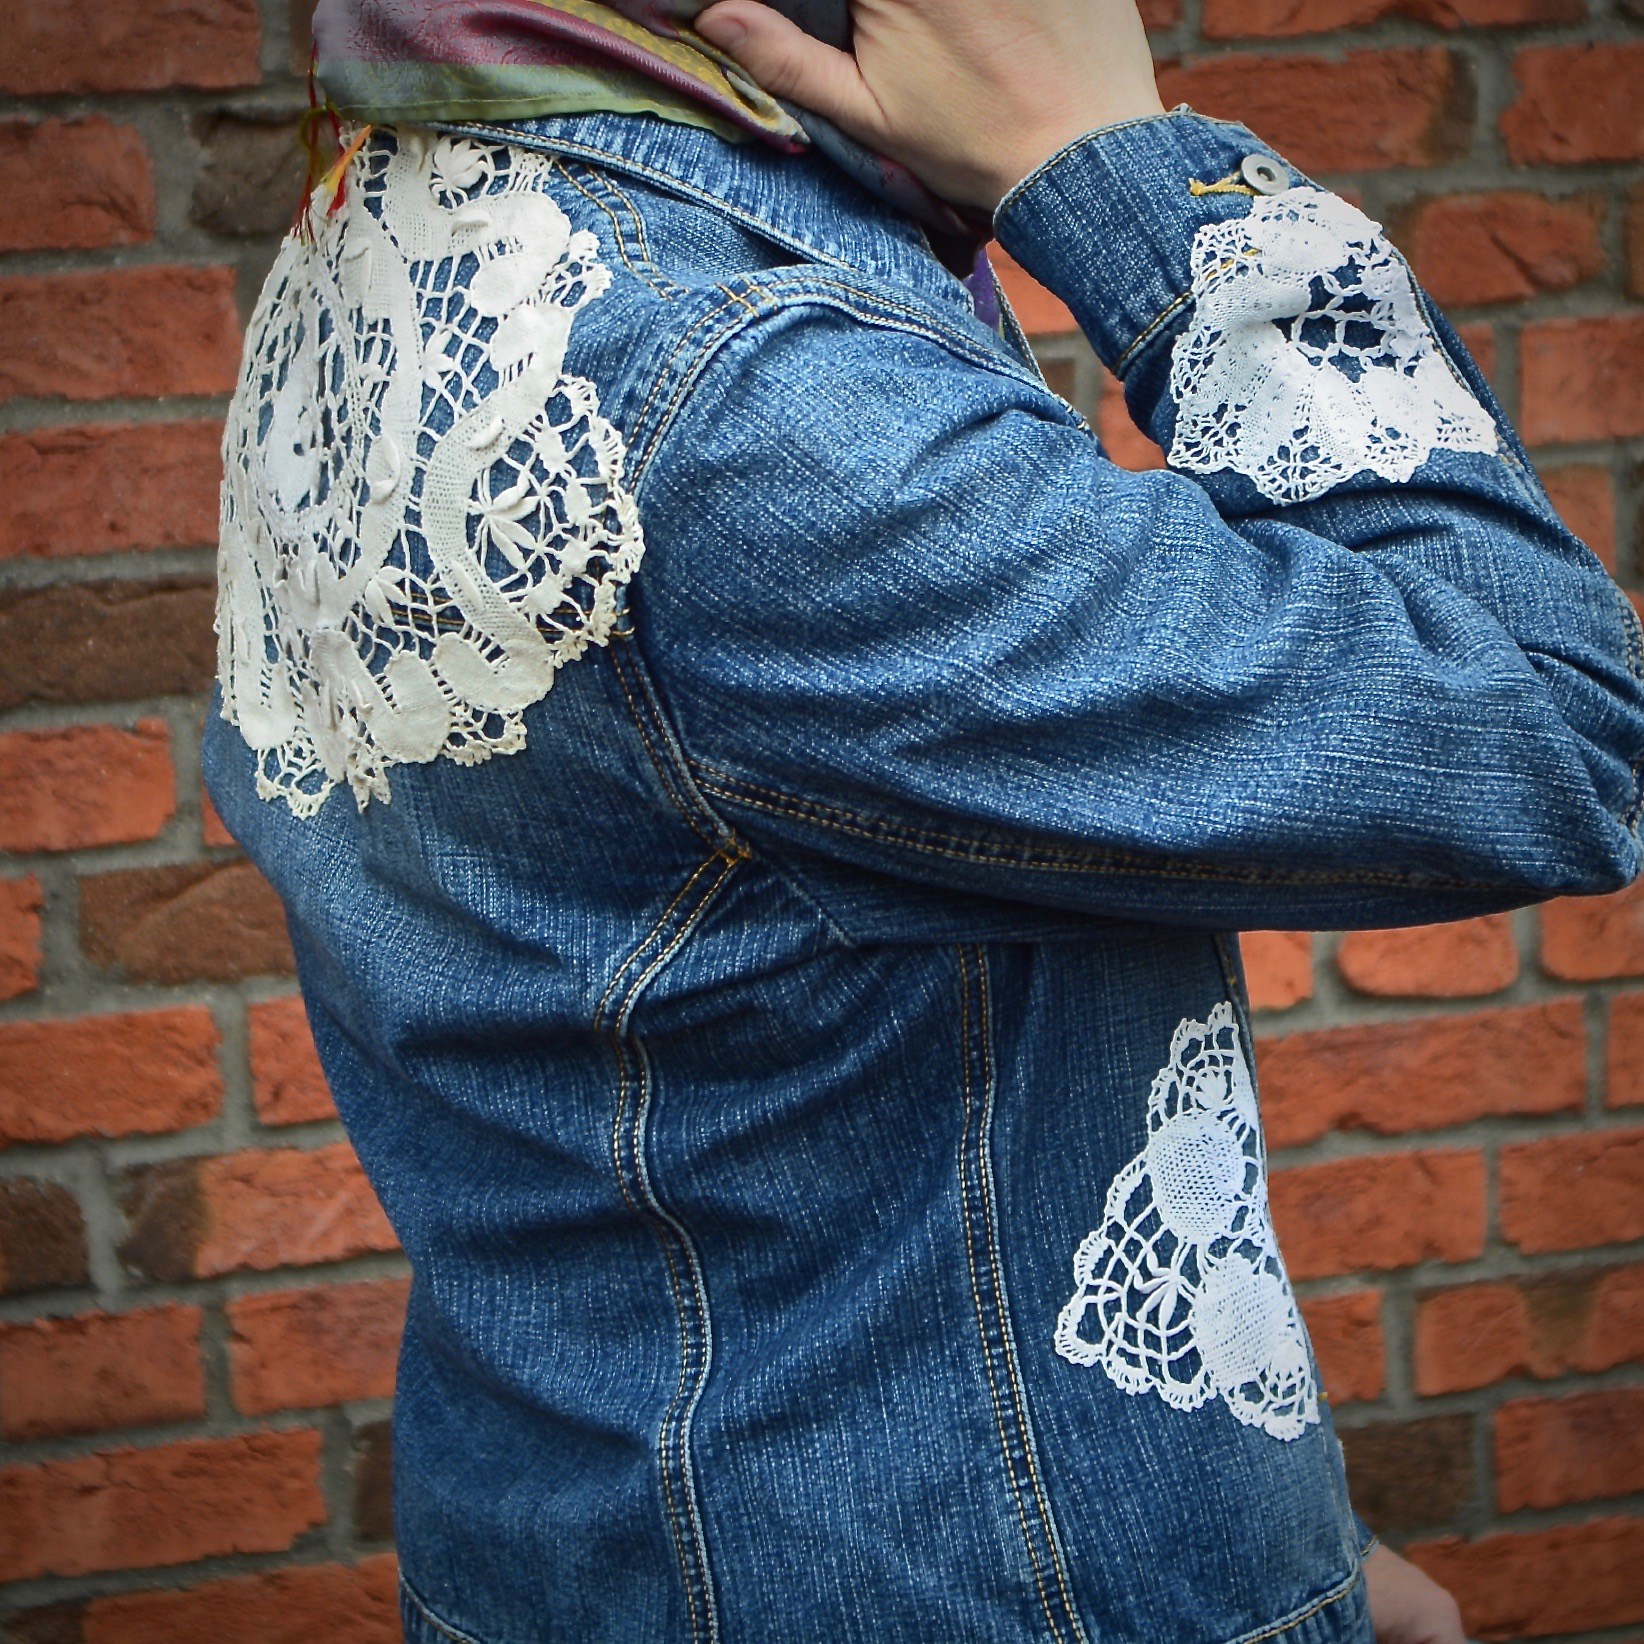 Jeansjacke mit Spitze aufgepeppt